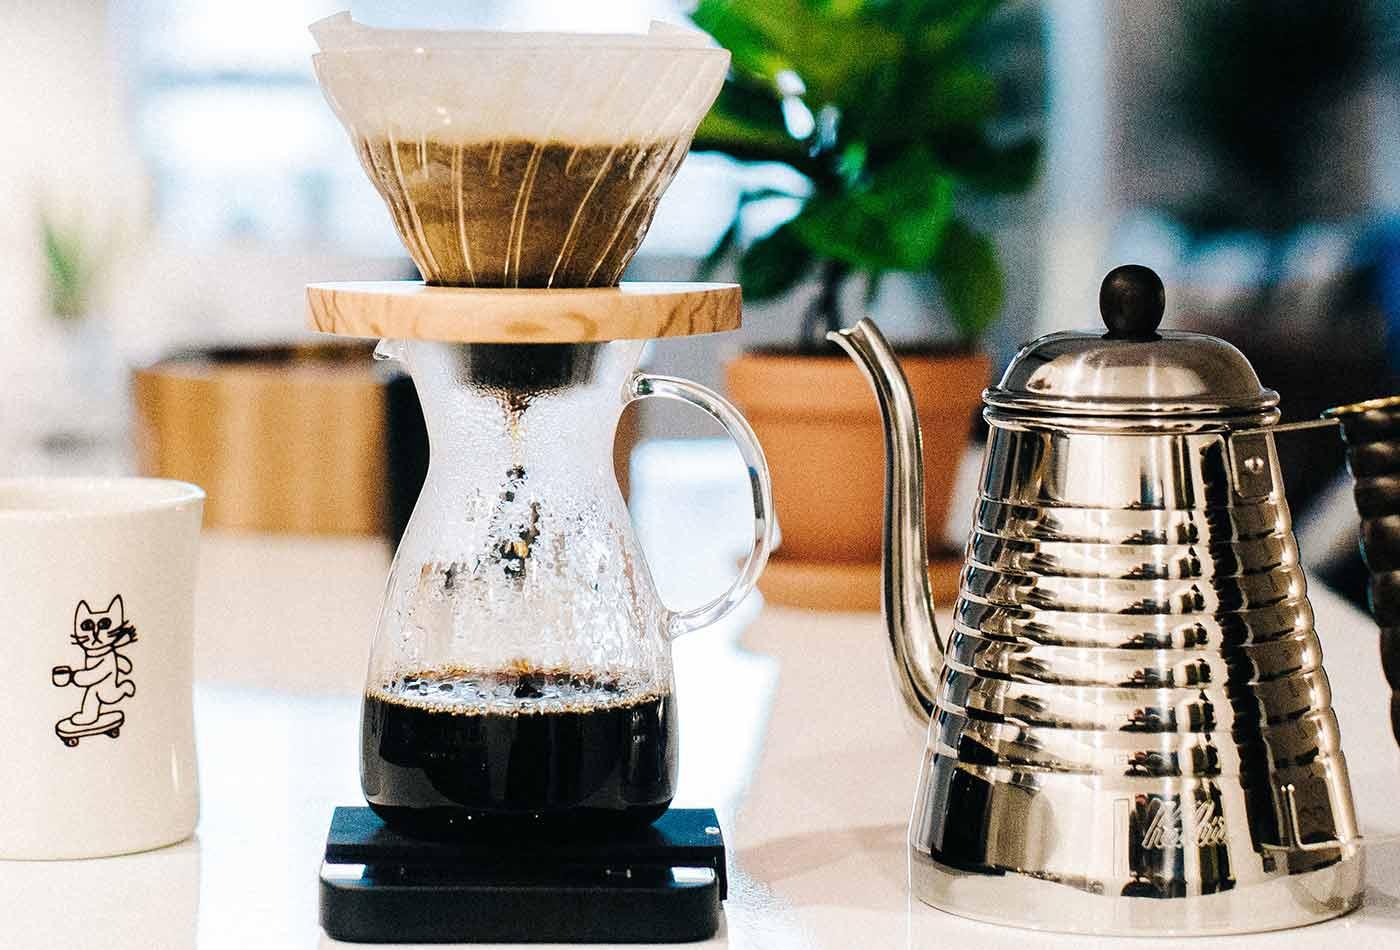 Beste espressomachines